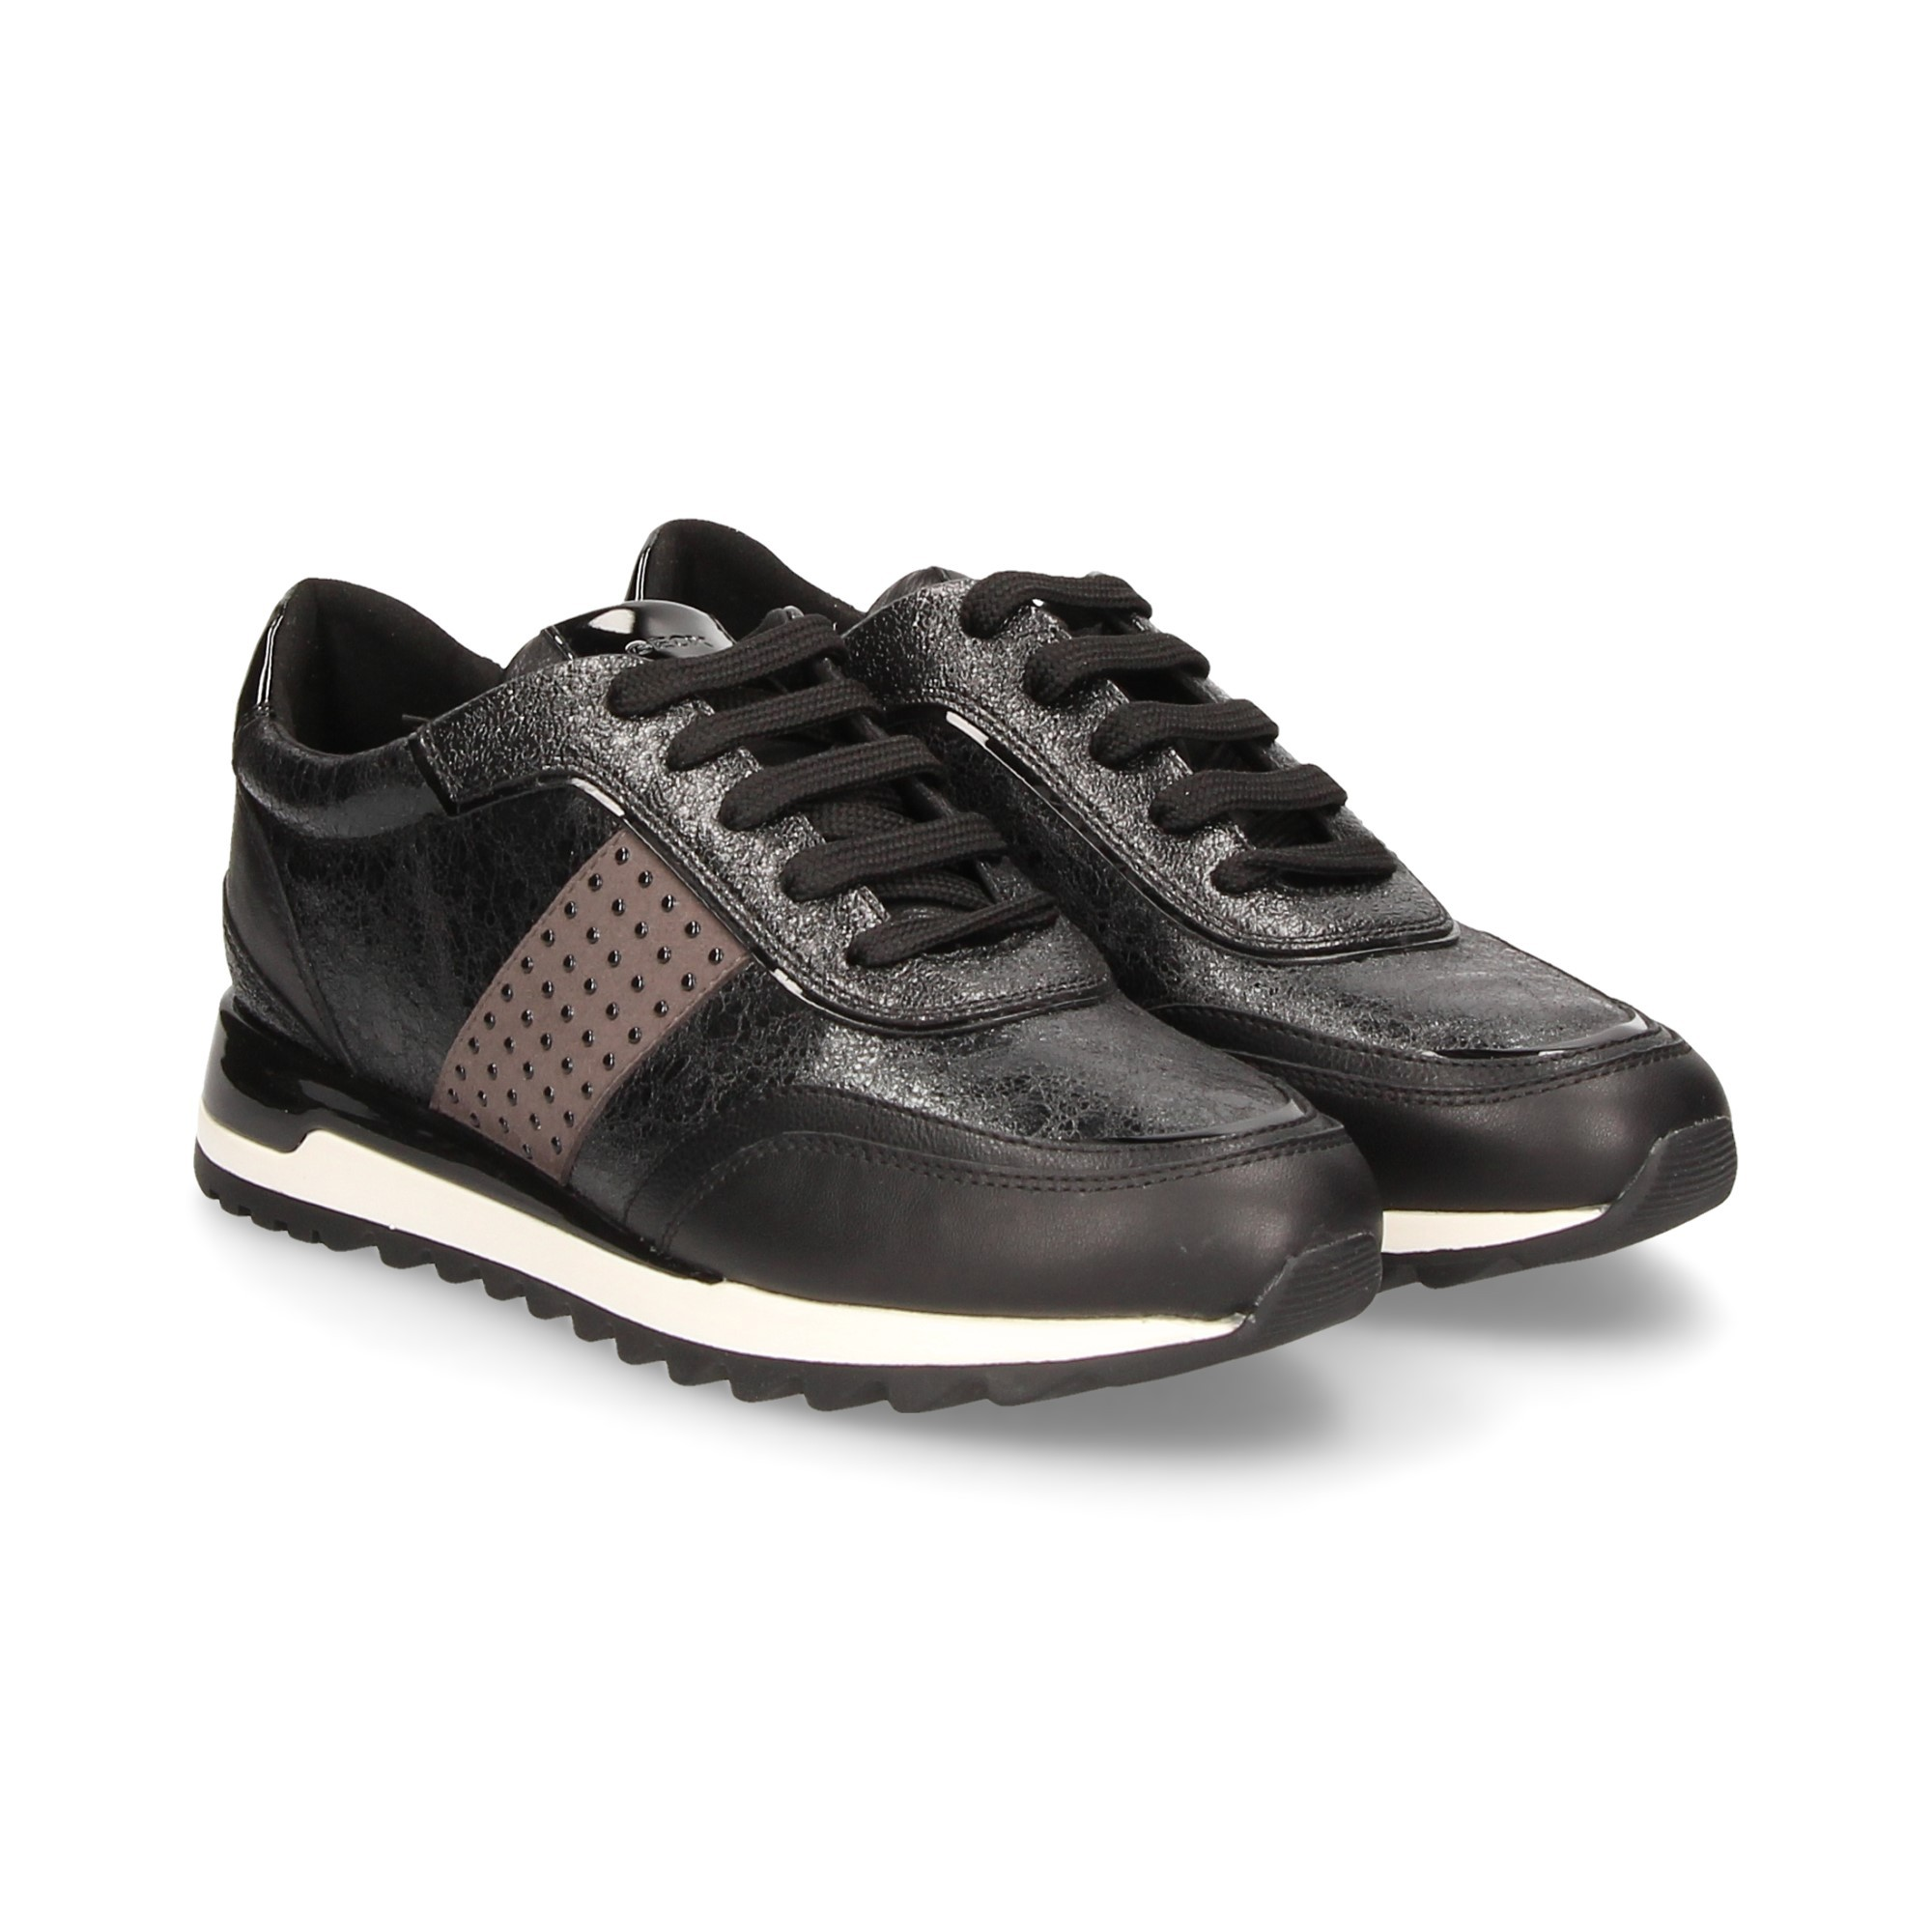 cheaper 63f3f 73478 GEOX Women's Sneakers D94AQA NEGRO